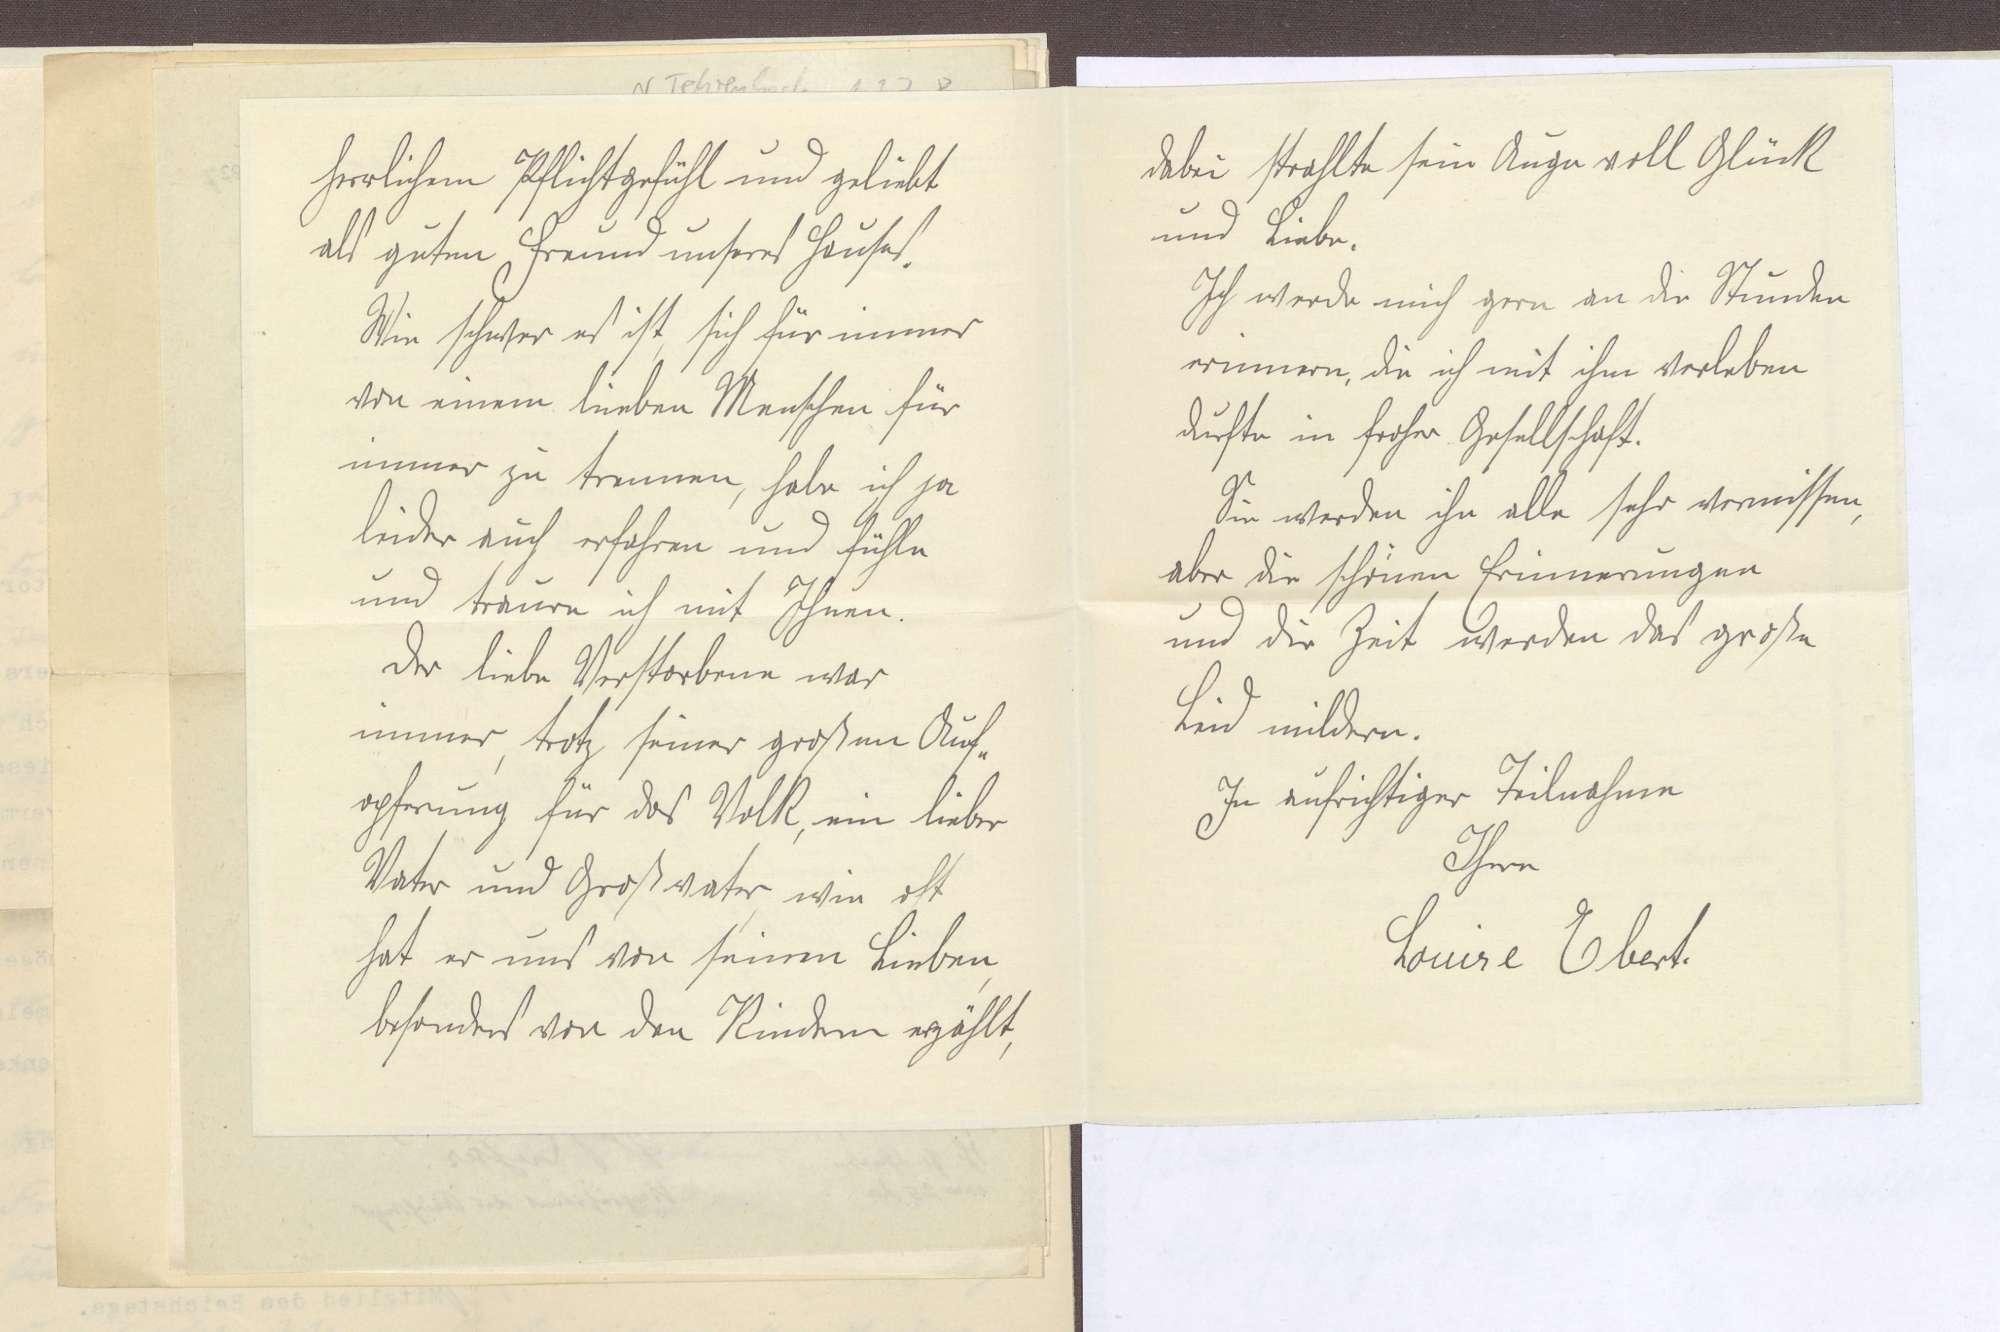 Schreiben von Louise Ebert, Berlin, an Elisabeth Rosset, Kondolenzbrief zum Tod von Constantin Fehrenbach, Bild 2